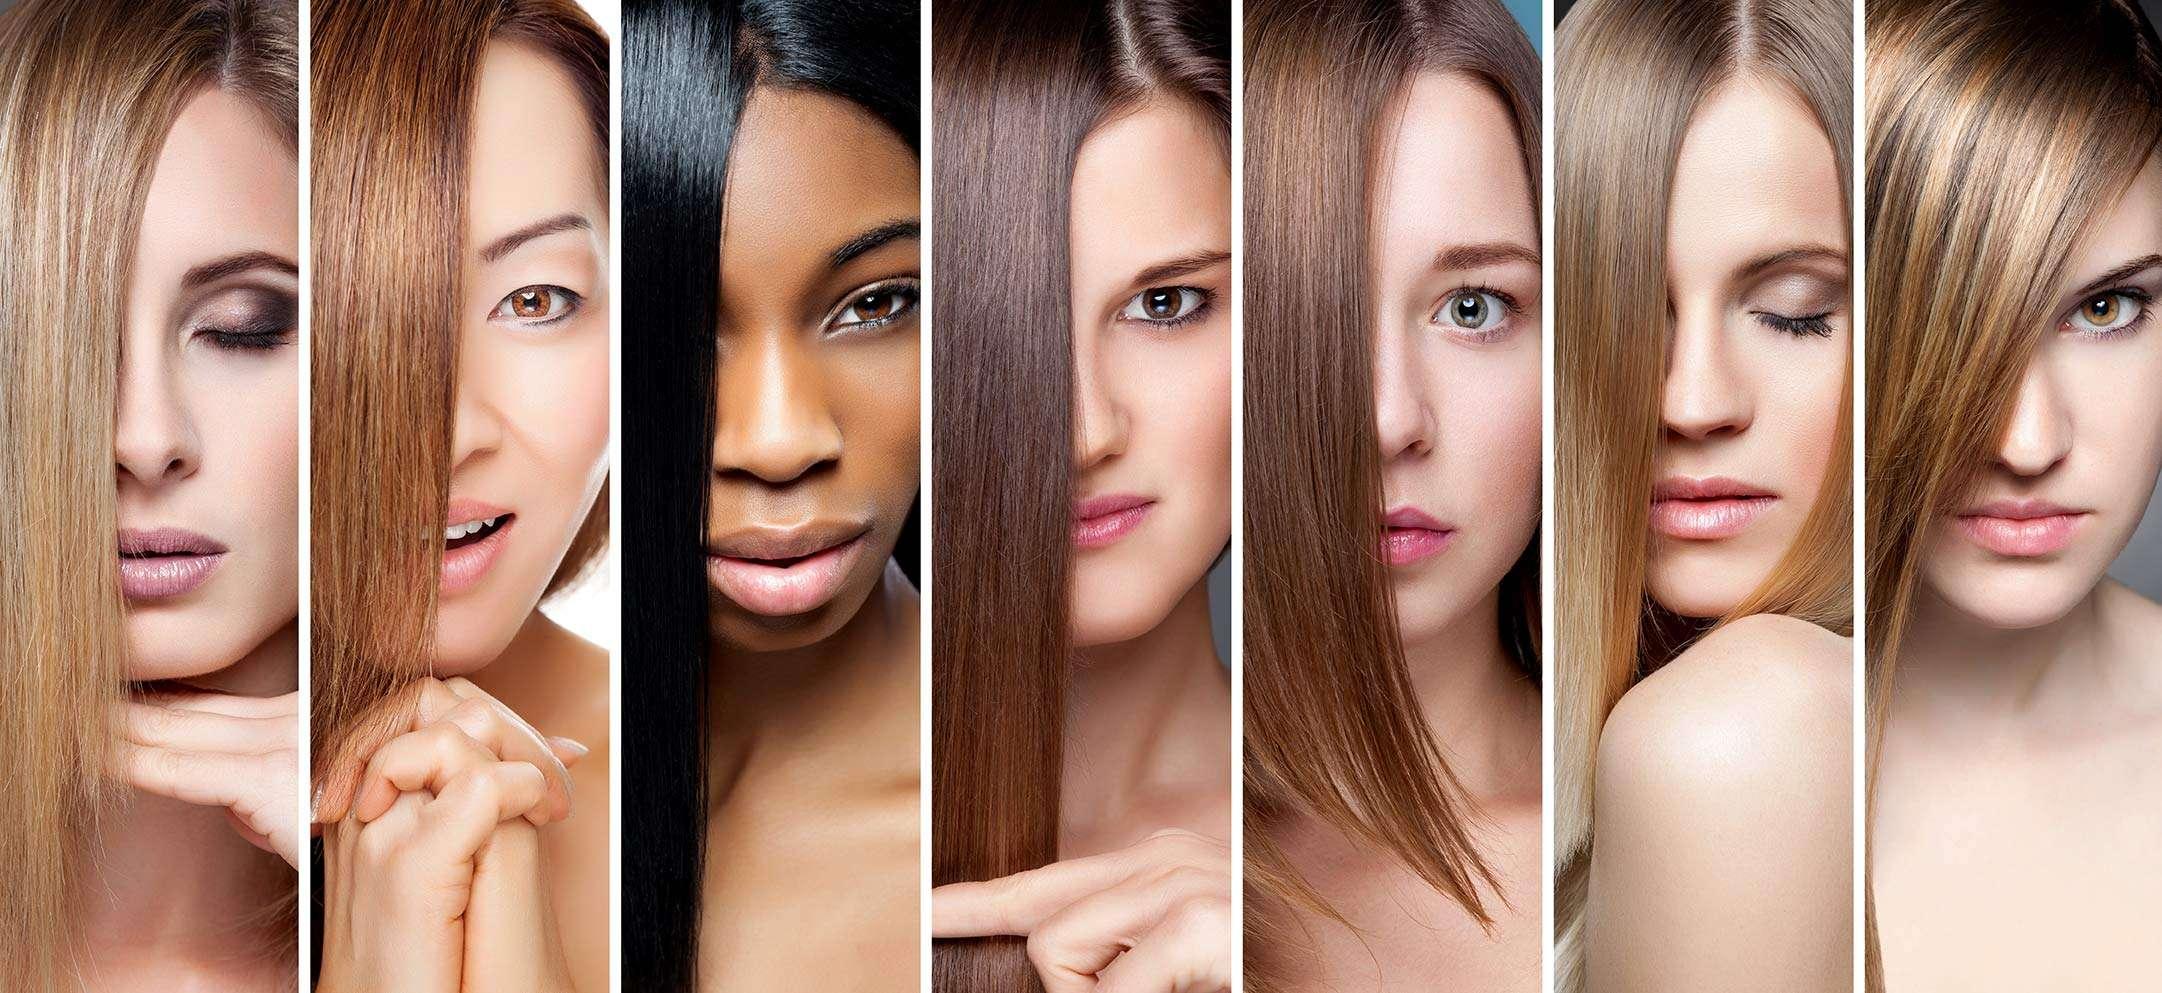 actifemme-actilife-maquillaje-tipos-de-piel-tono-mujer